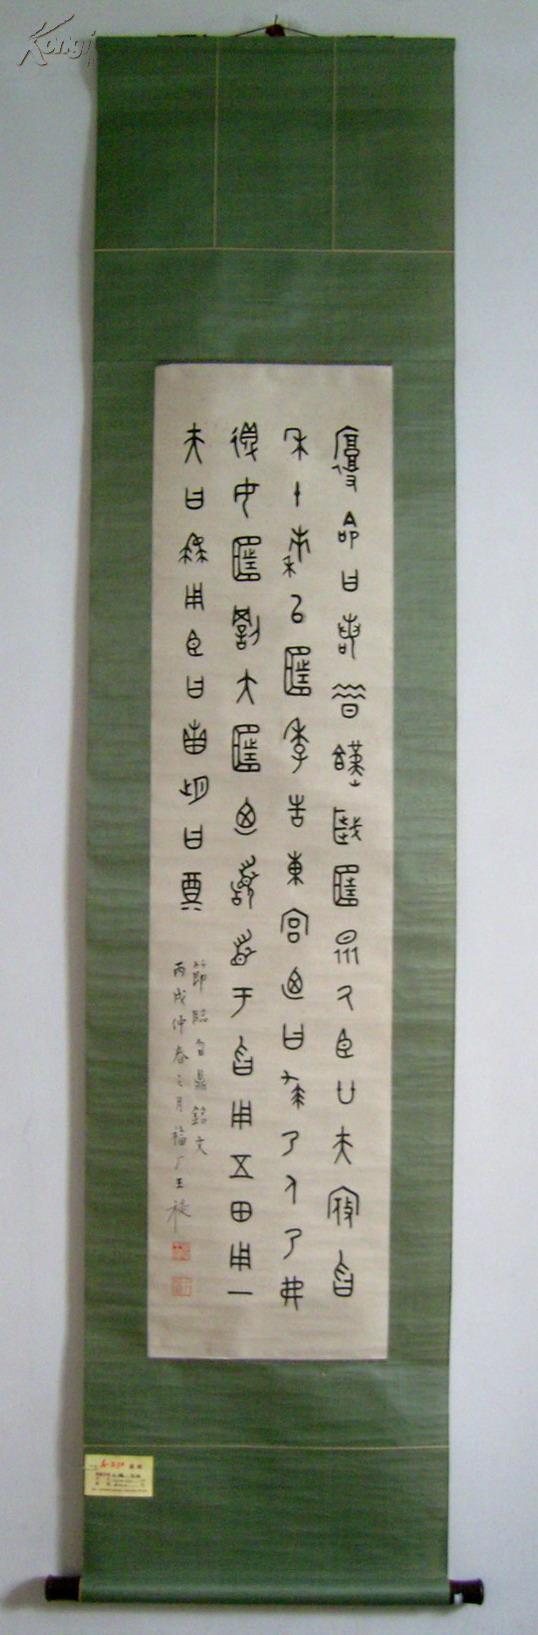 金石家)王福庵《1946年毛笔手写篆书书法·节临青铜鼎铭文》旧裱立轴.图片